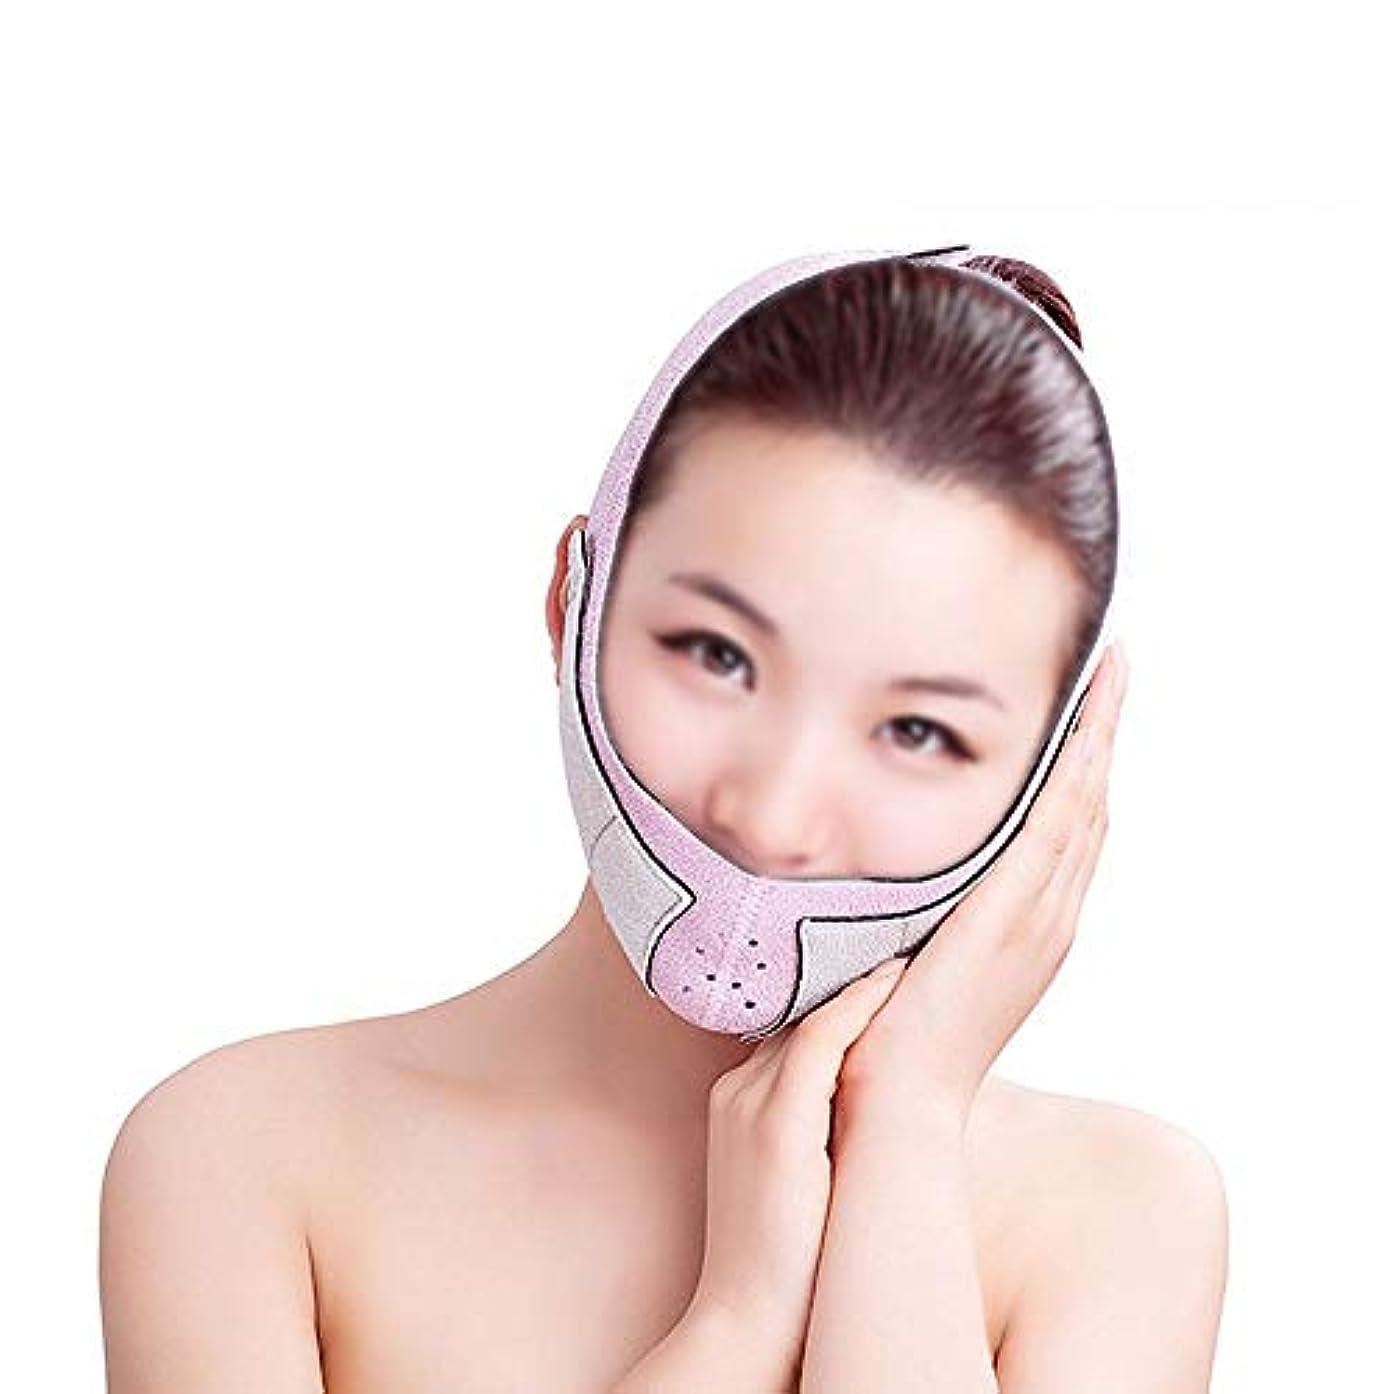 微視的上に築きますミュウミュウXHLMRMJ フェイスリフトマスク、痩身ベルト薄いフェイスマスク強力な持ち上げ小さなV顔薄い顔包帯美容フェイスリフティングデバイス